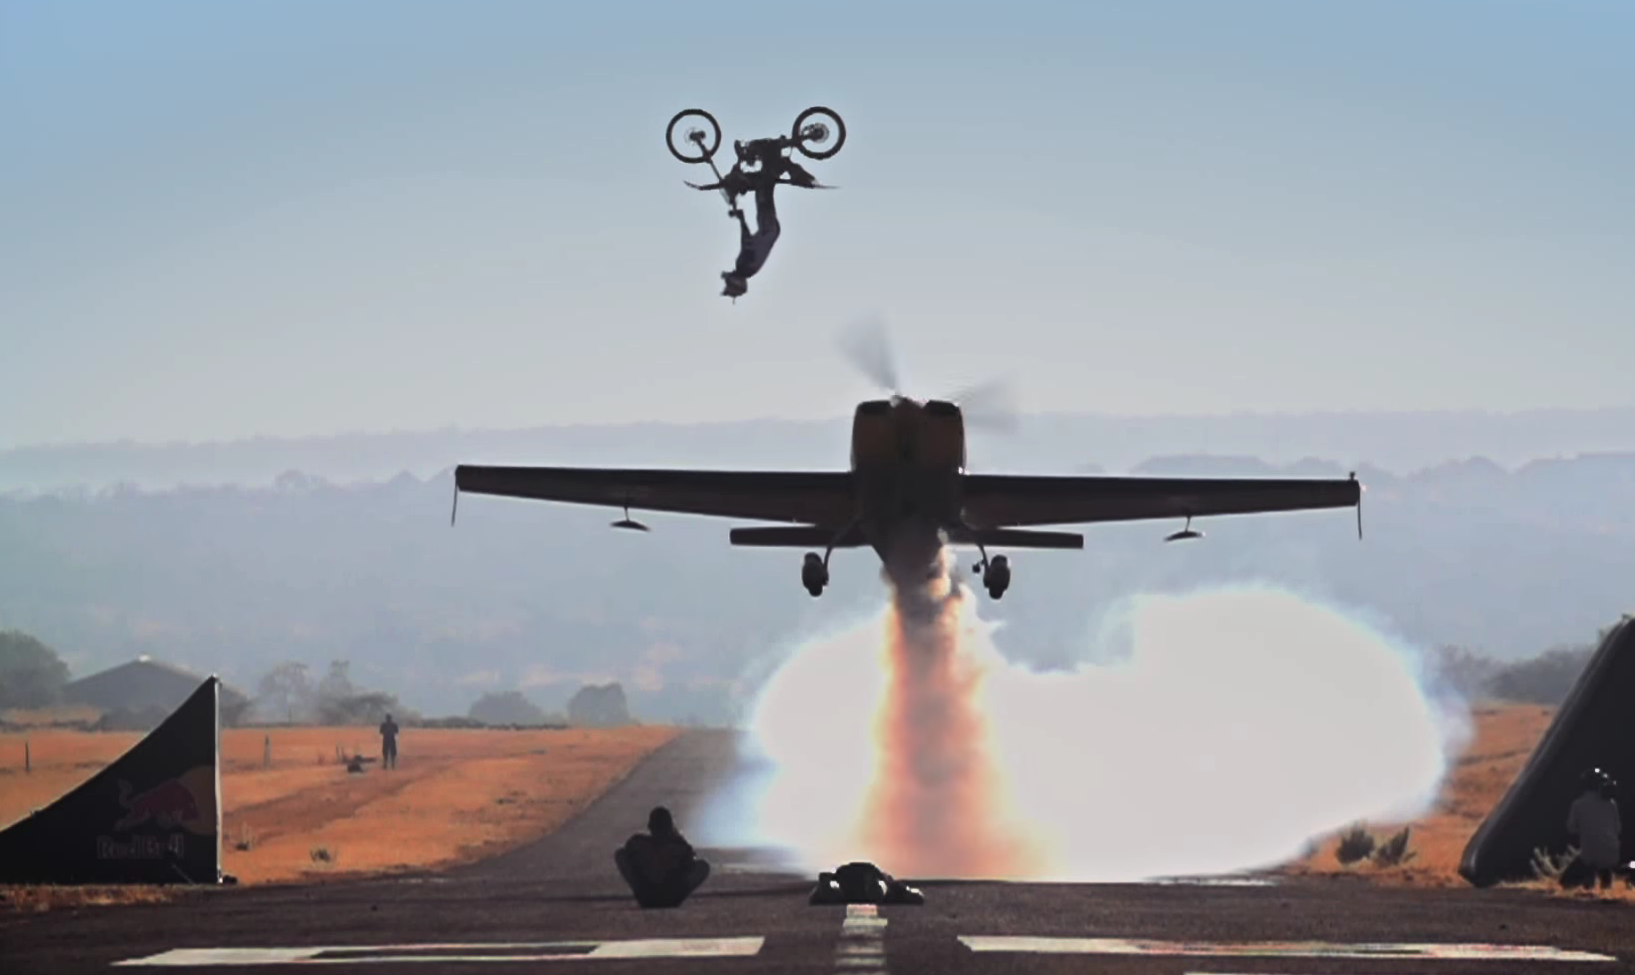 фото трюки на самолетах